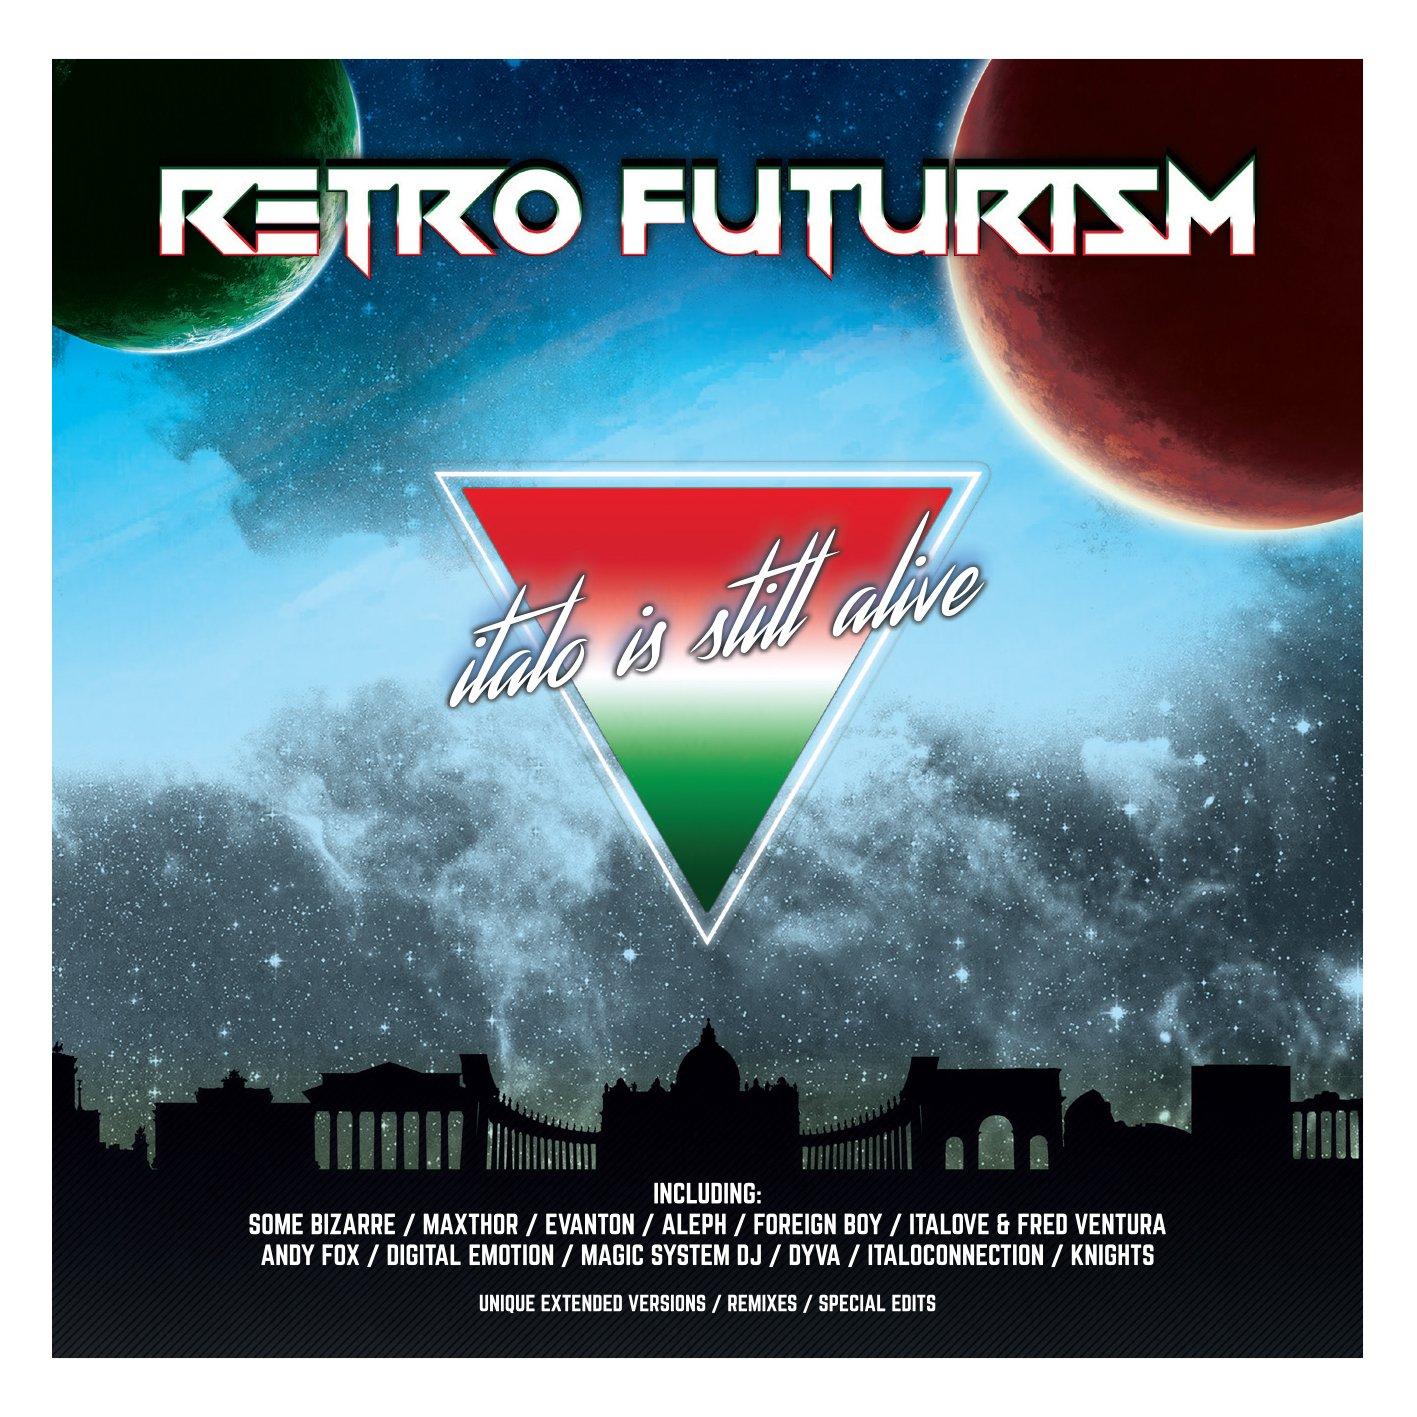 Ventiláciu Skladov - Retro Futurism